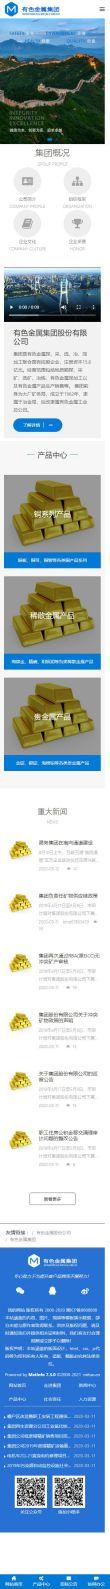 有色金属集团股份有限公司网站模板,有色金属集团股份有限公司网页模板,有色金属集团股份有限公司响应式网站模板